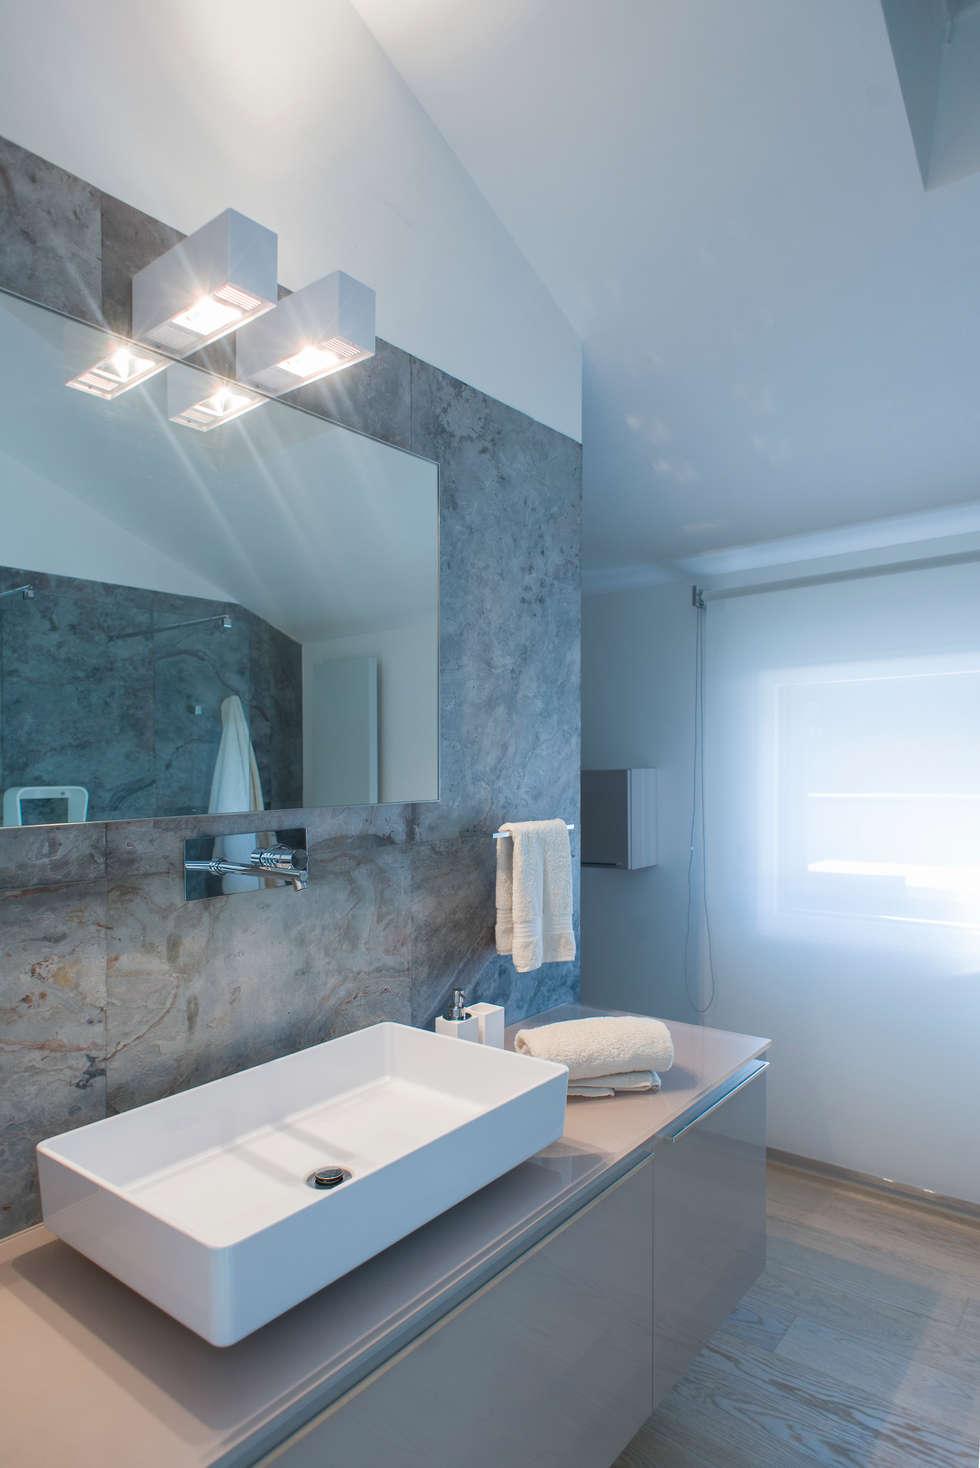 Idee arredamento casa interior design homify - Regia accessori bagno ...